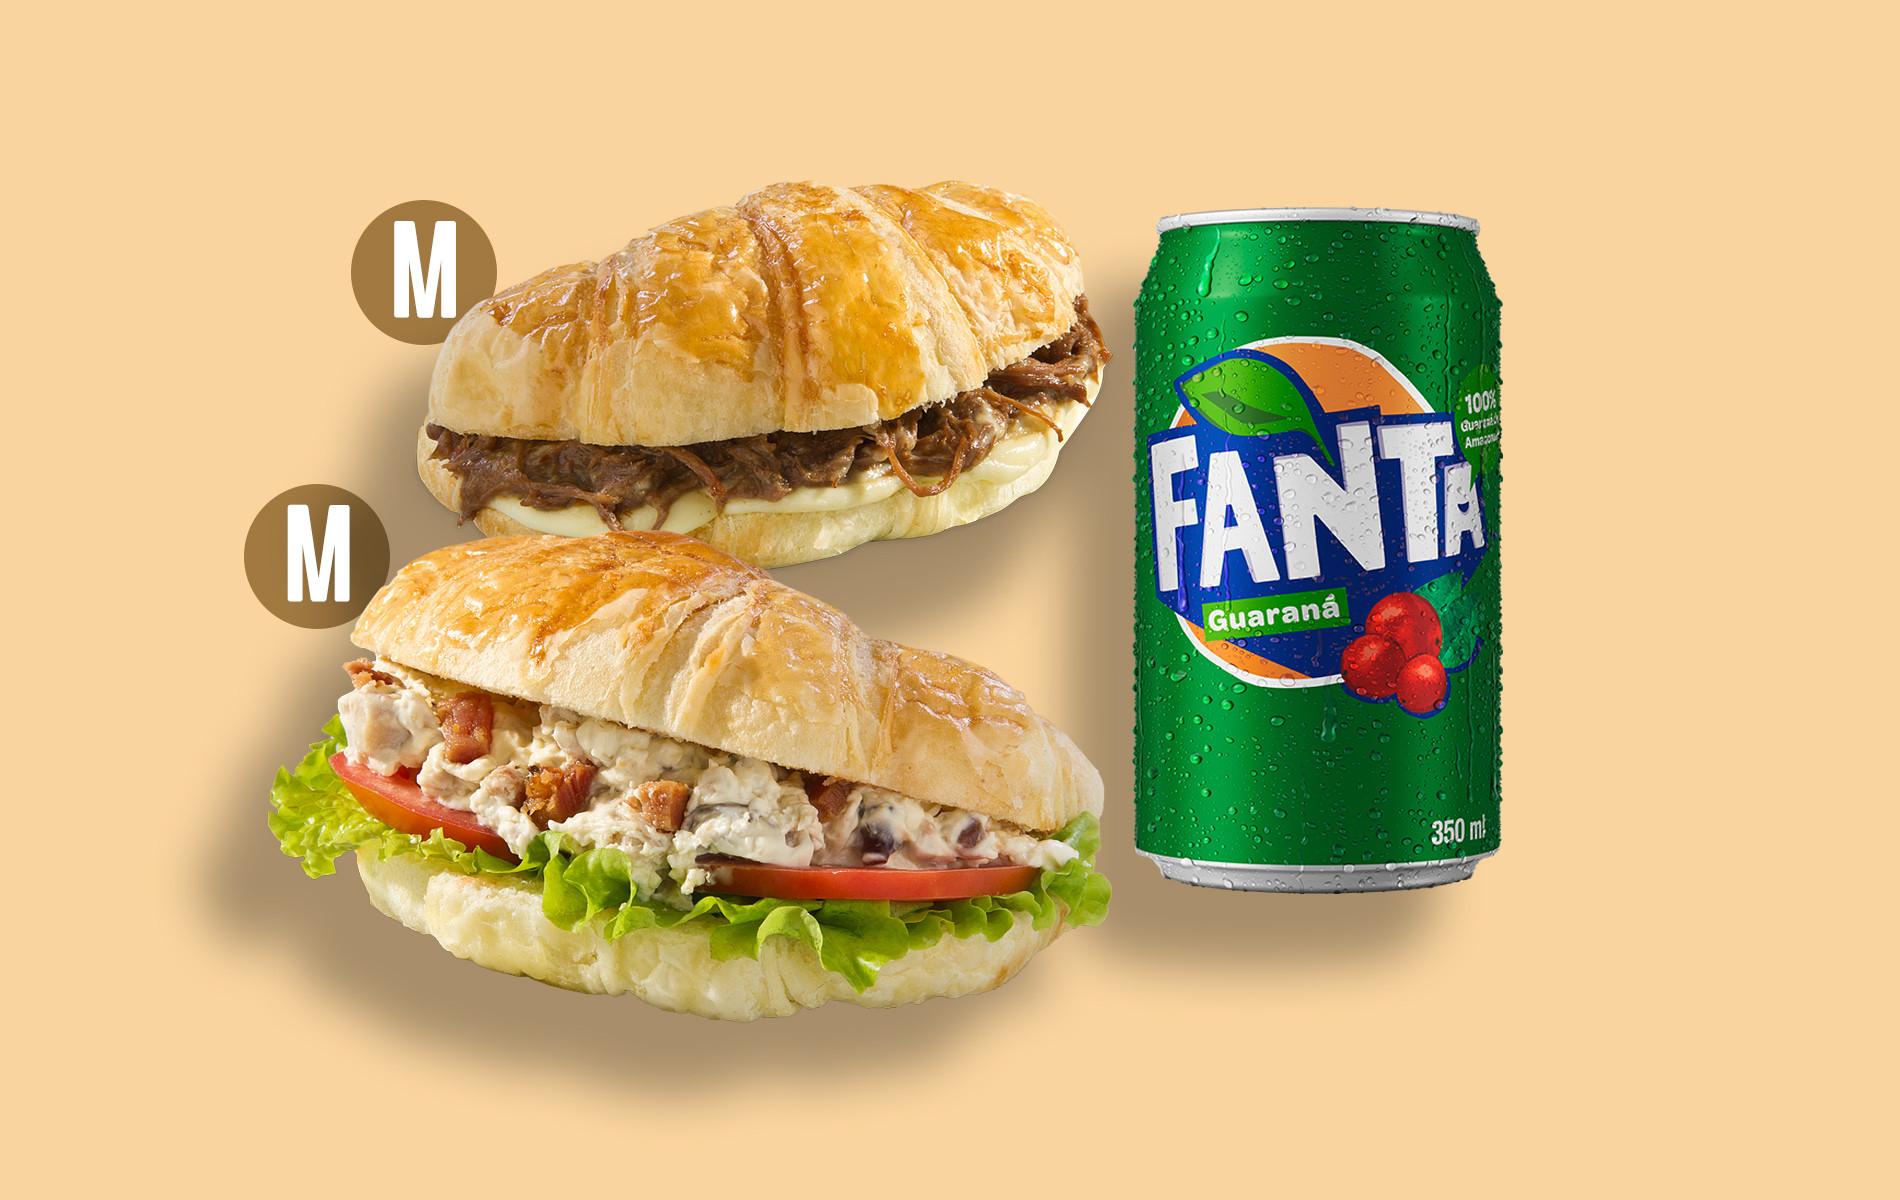 Croasonho faz parceria com Fanta Guaraná e lança combo promocional